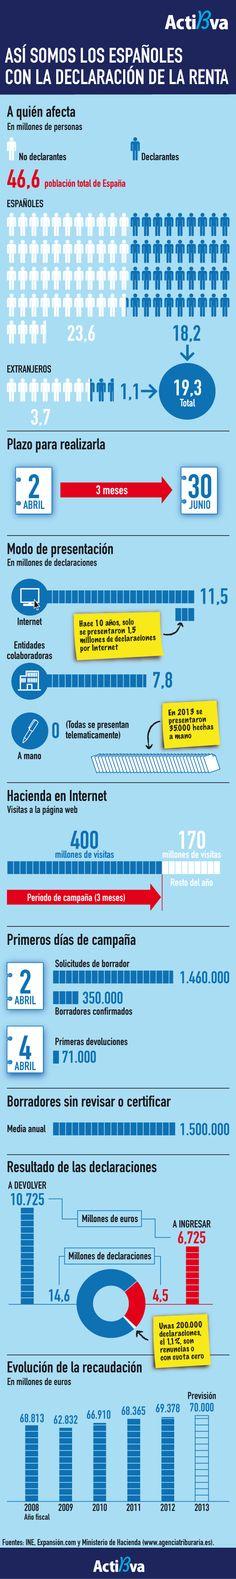 Los españoles y la declaración de la renta Por: http://www.actibva.com/ #infografia #infographic